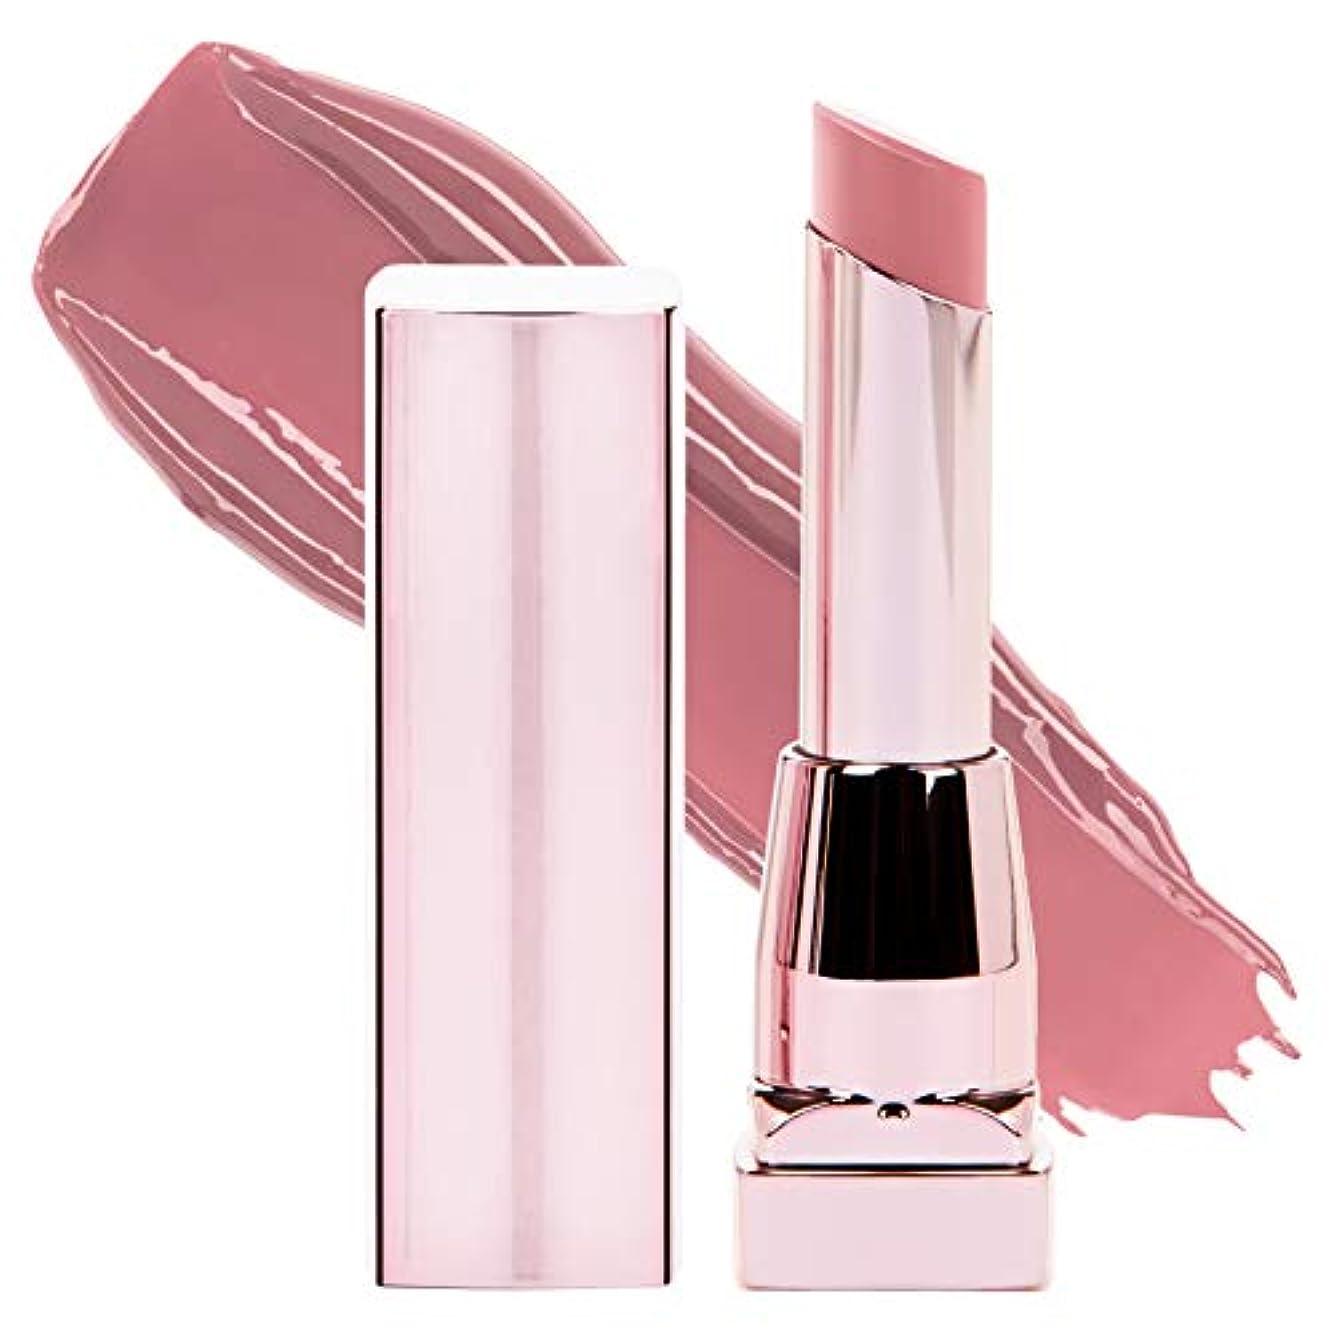 汗専門知識努力MAYBELLINE Color Sensational Shine Compulsion Lipstick - Undressed Pink 075 (並行輸入品)